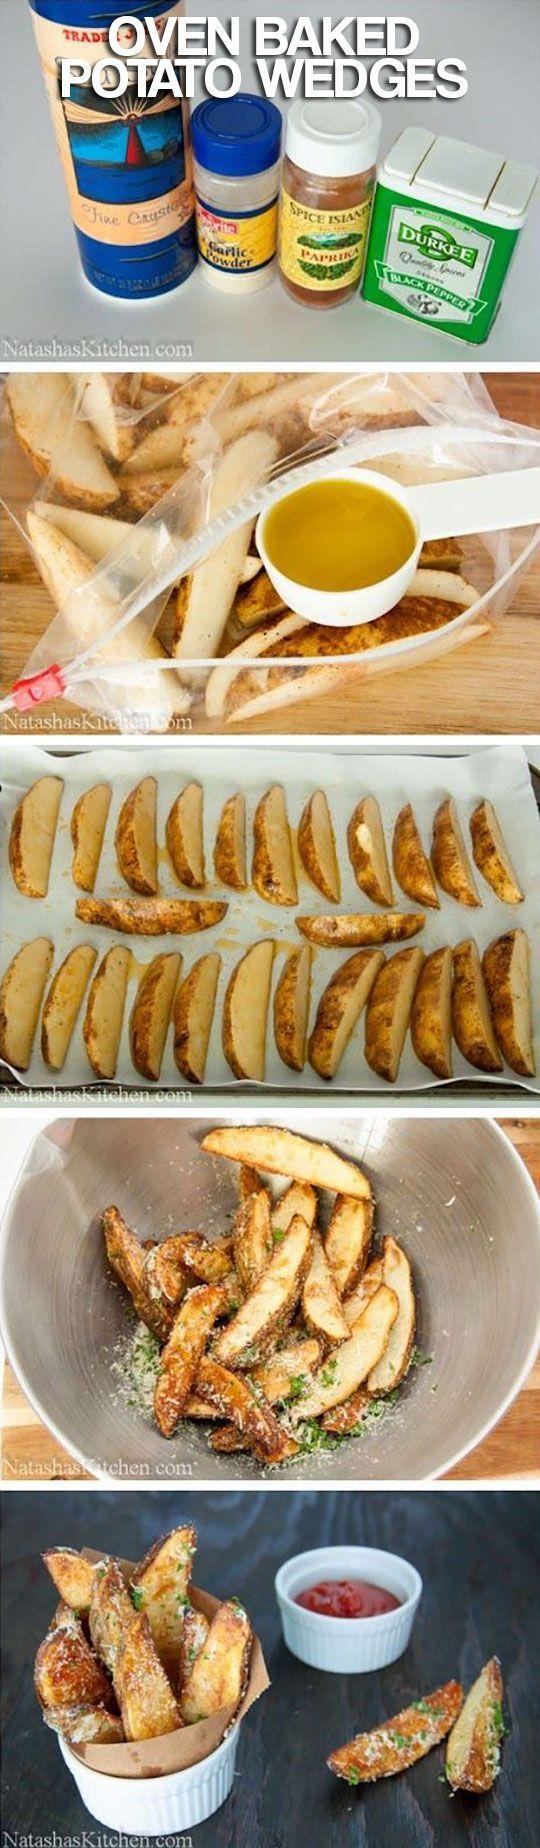 Oven baked potato wedges: Natasha's Kitchen